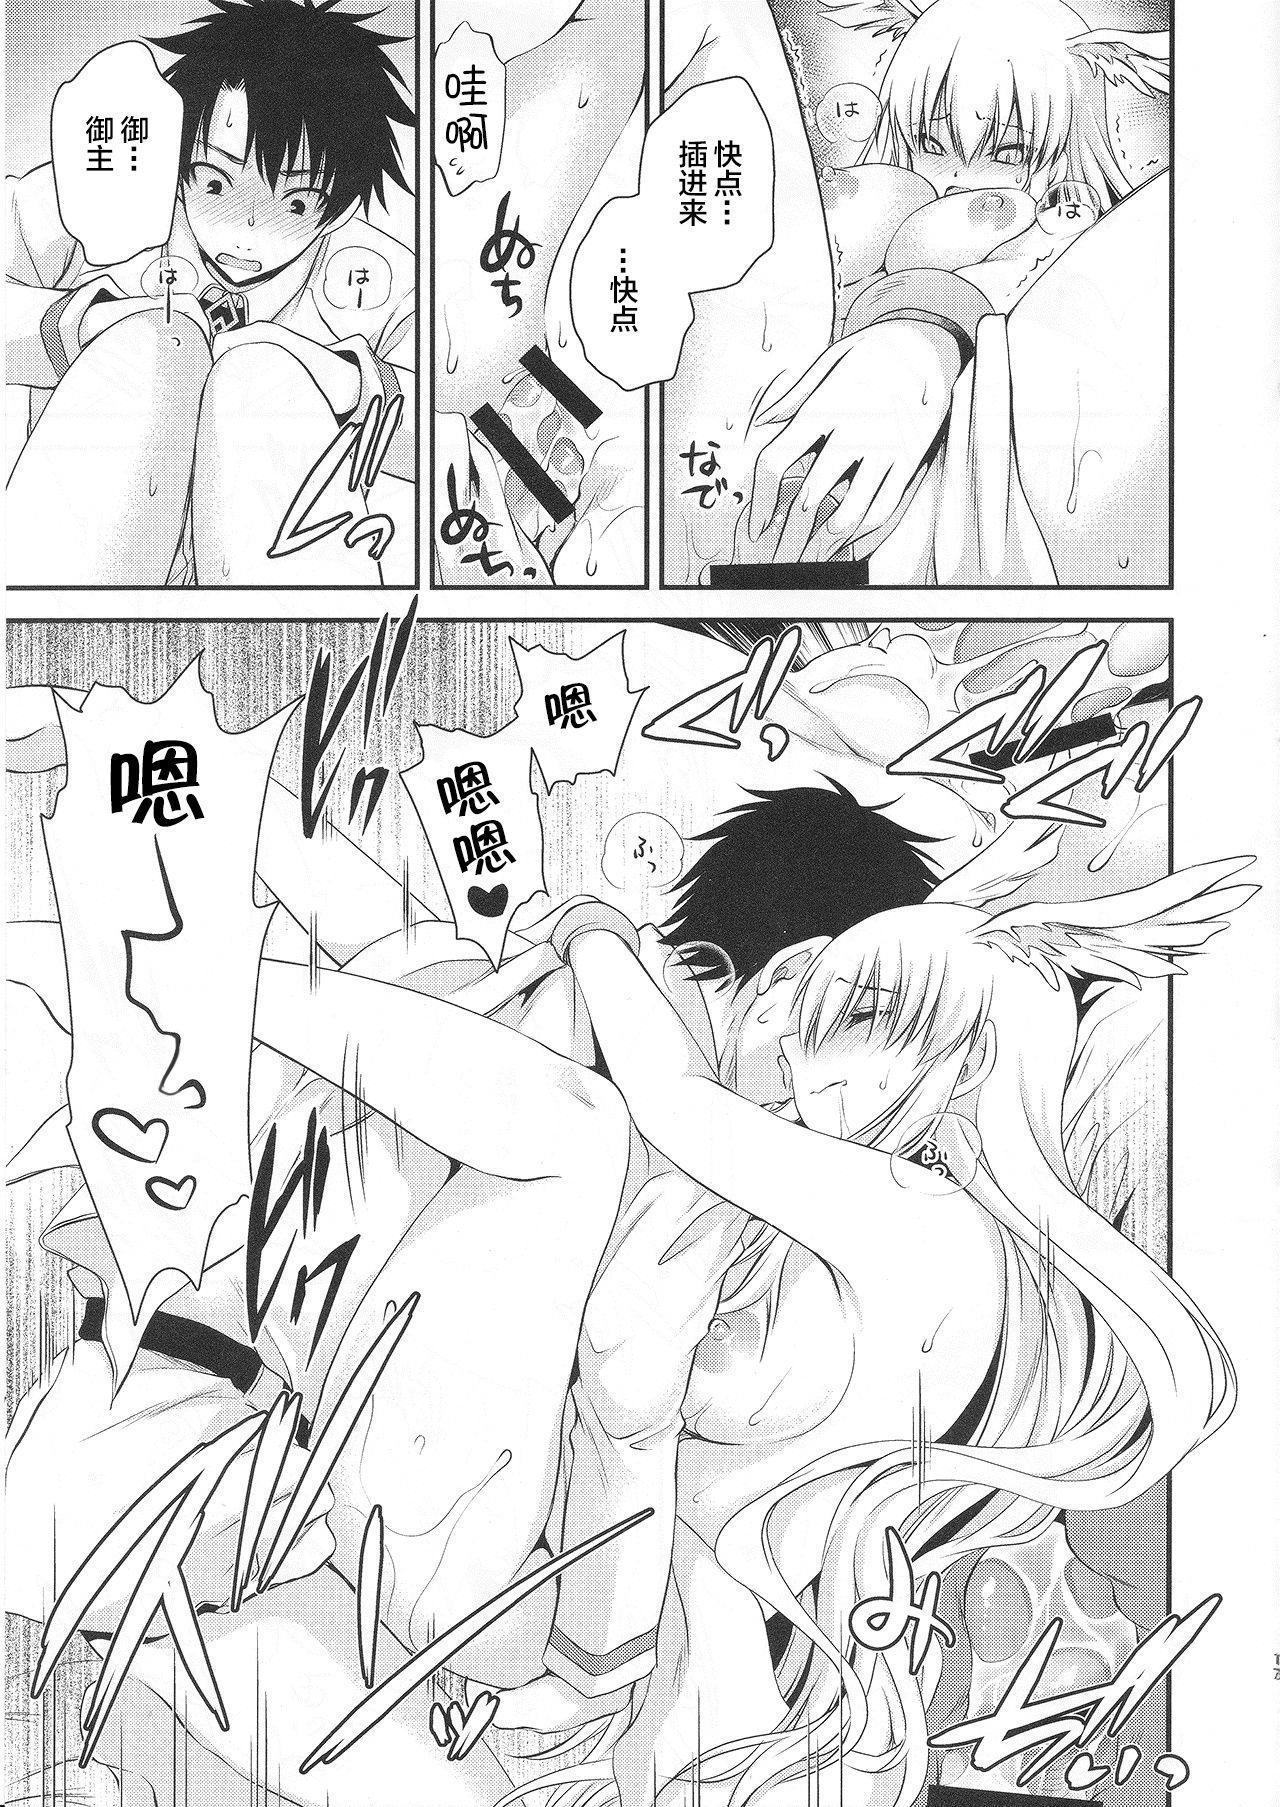 Uwasa no Are o Kokuin Shite Mimashita 17